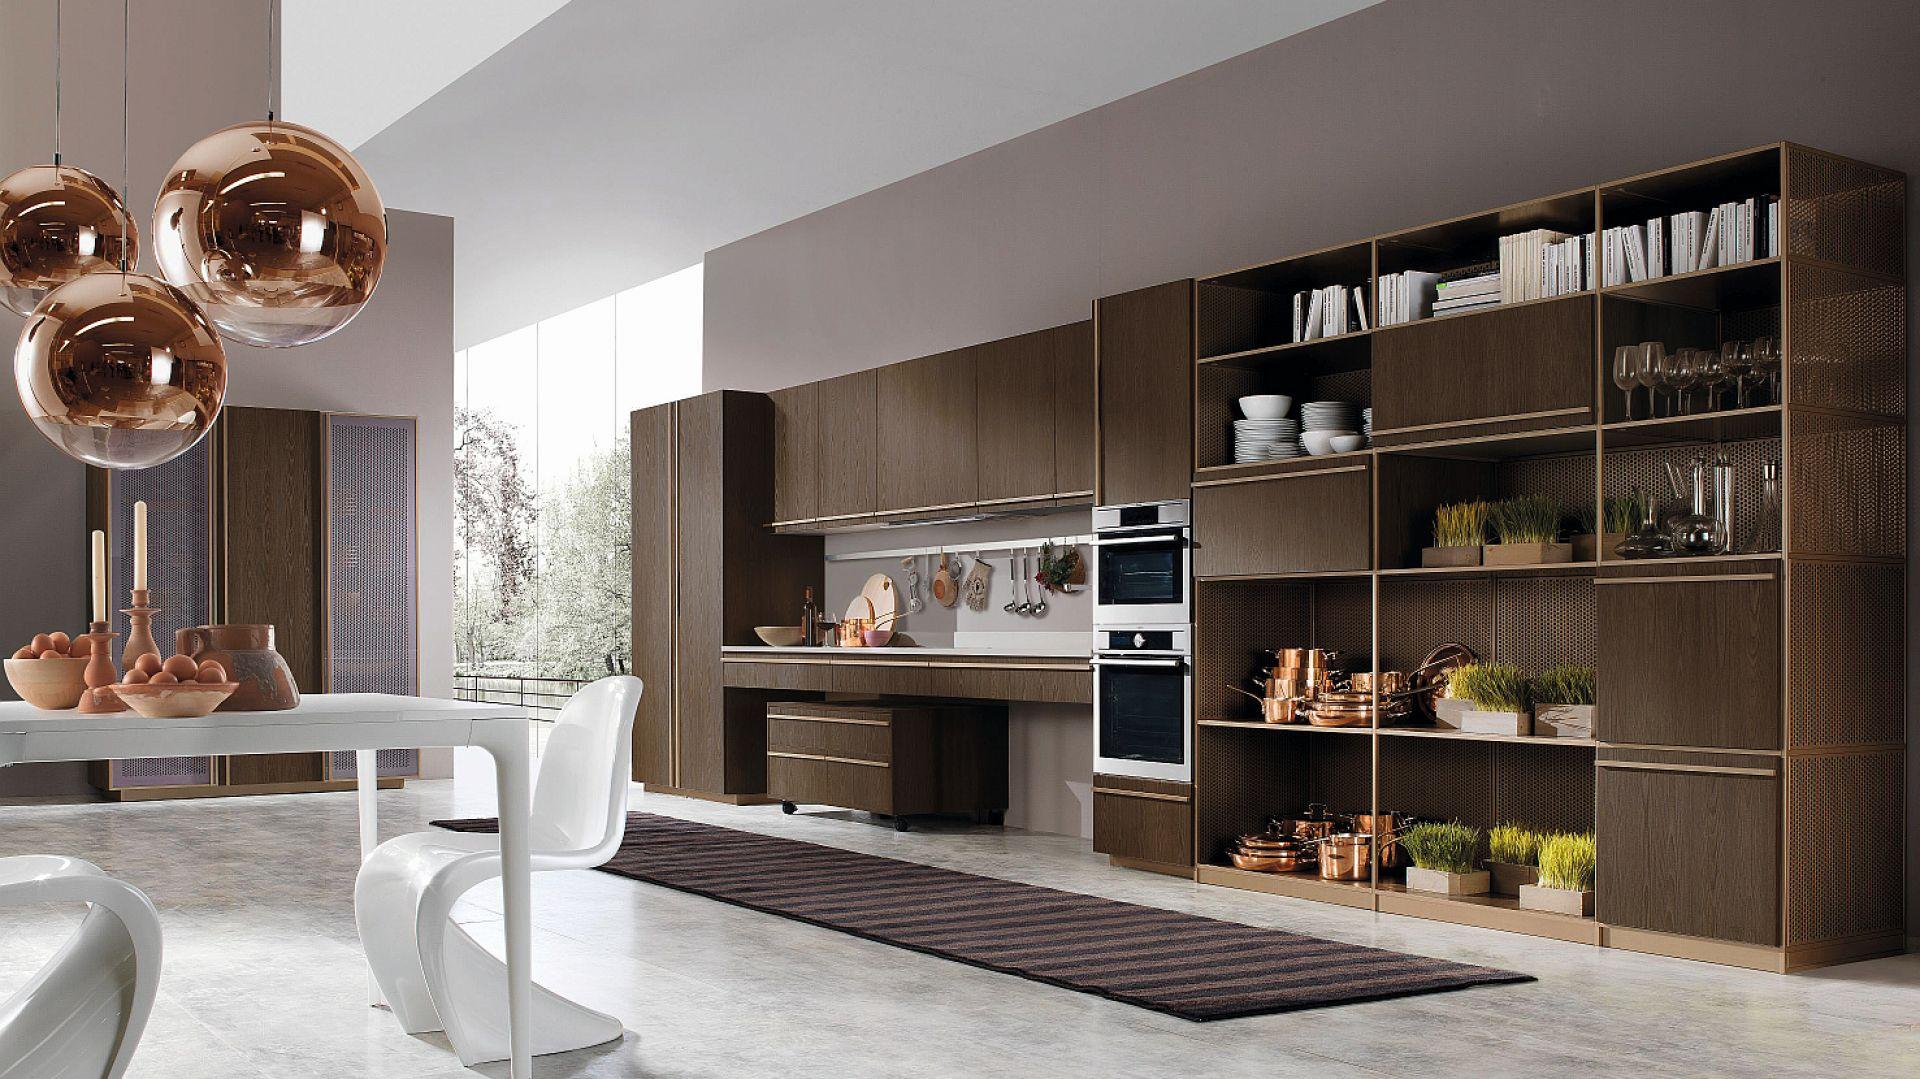 BELUGA - elegancka i prosta kompozycja kuchenna, w której poszczególne elementy zainspirowane są niezbędną geometrią uwypuklającą wartość materiałów, kolorów i dekoracyjności. Fot. Rastelli